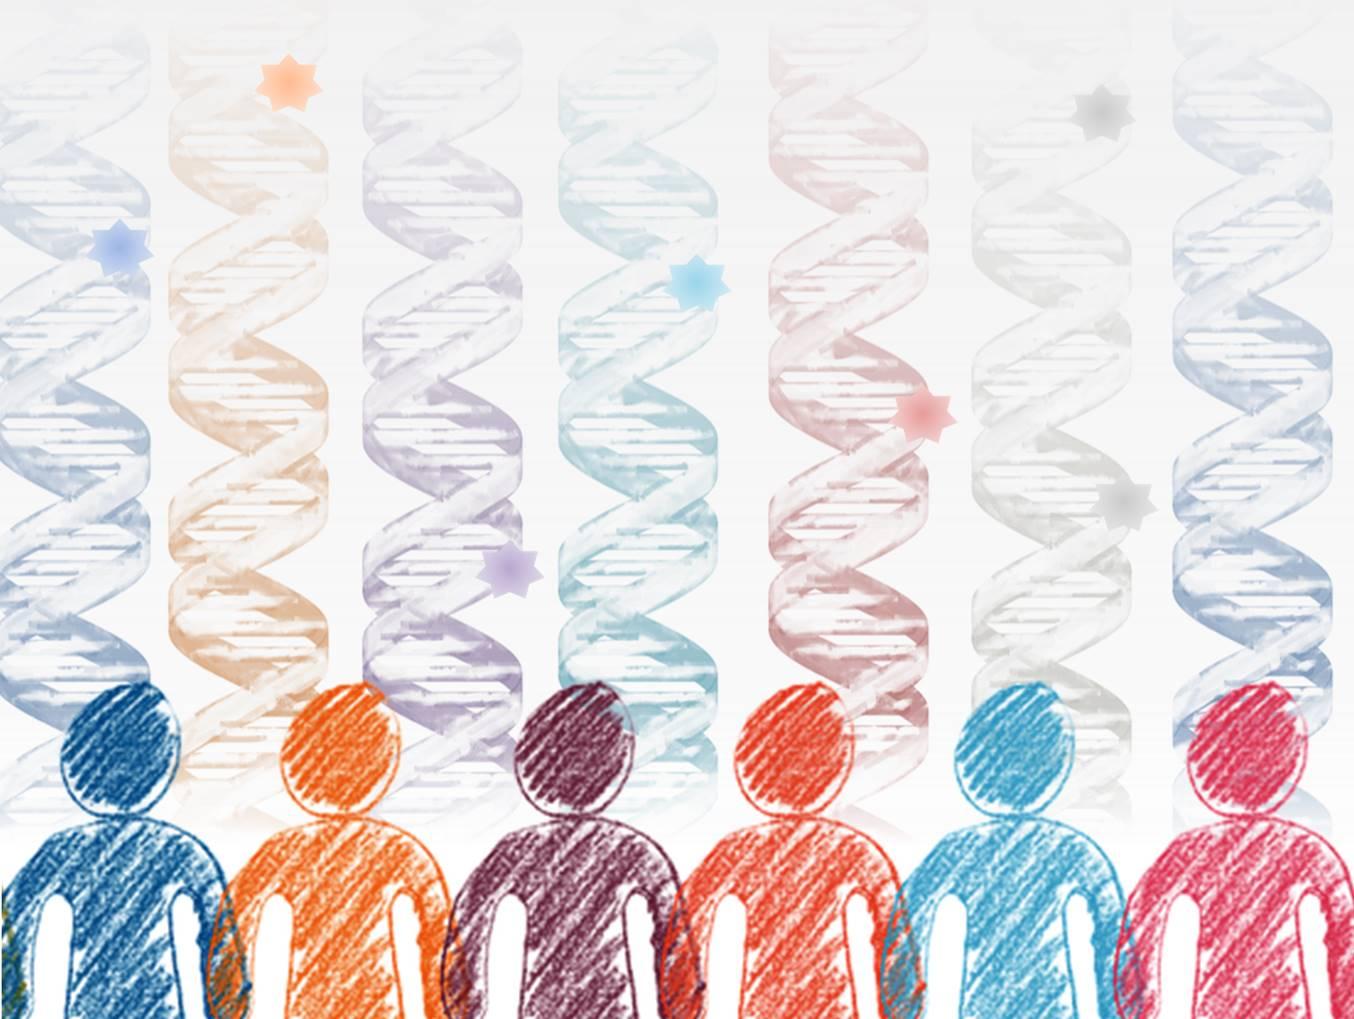 mutaciones somáticas no codificantes